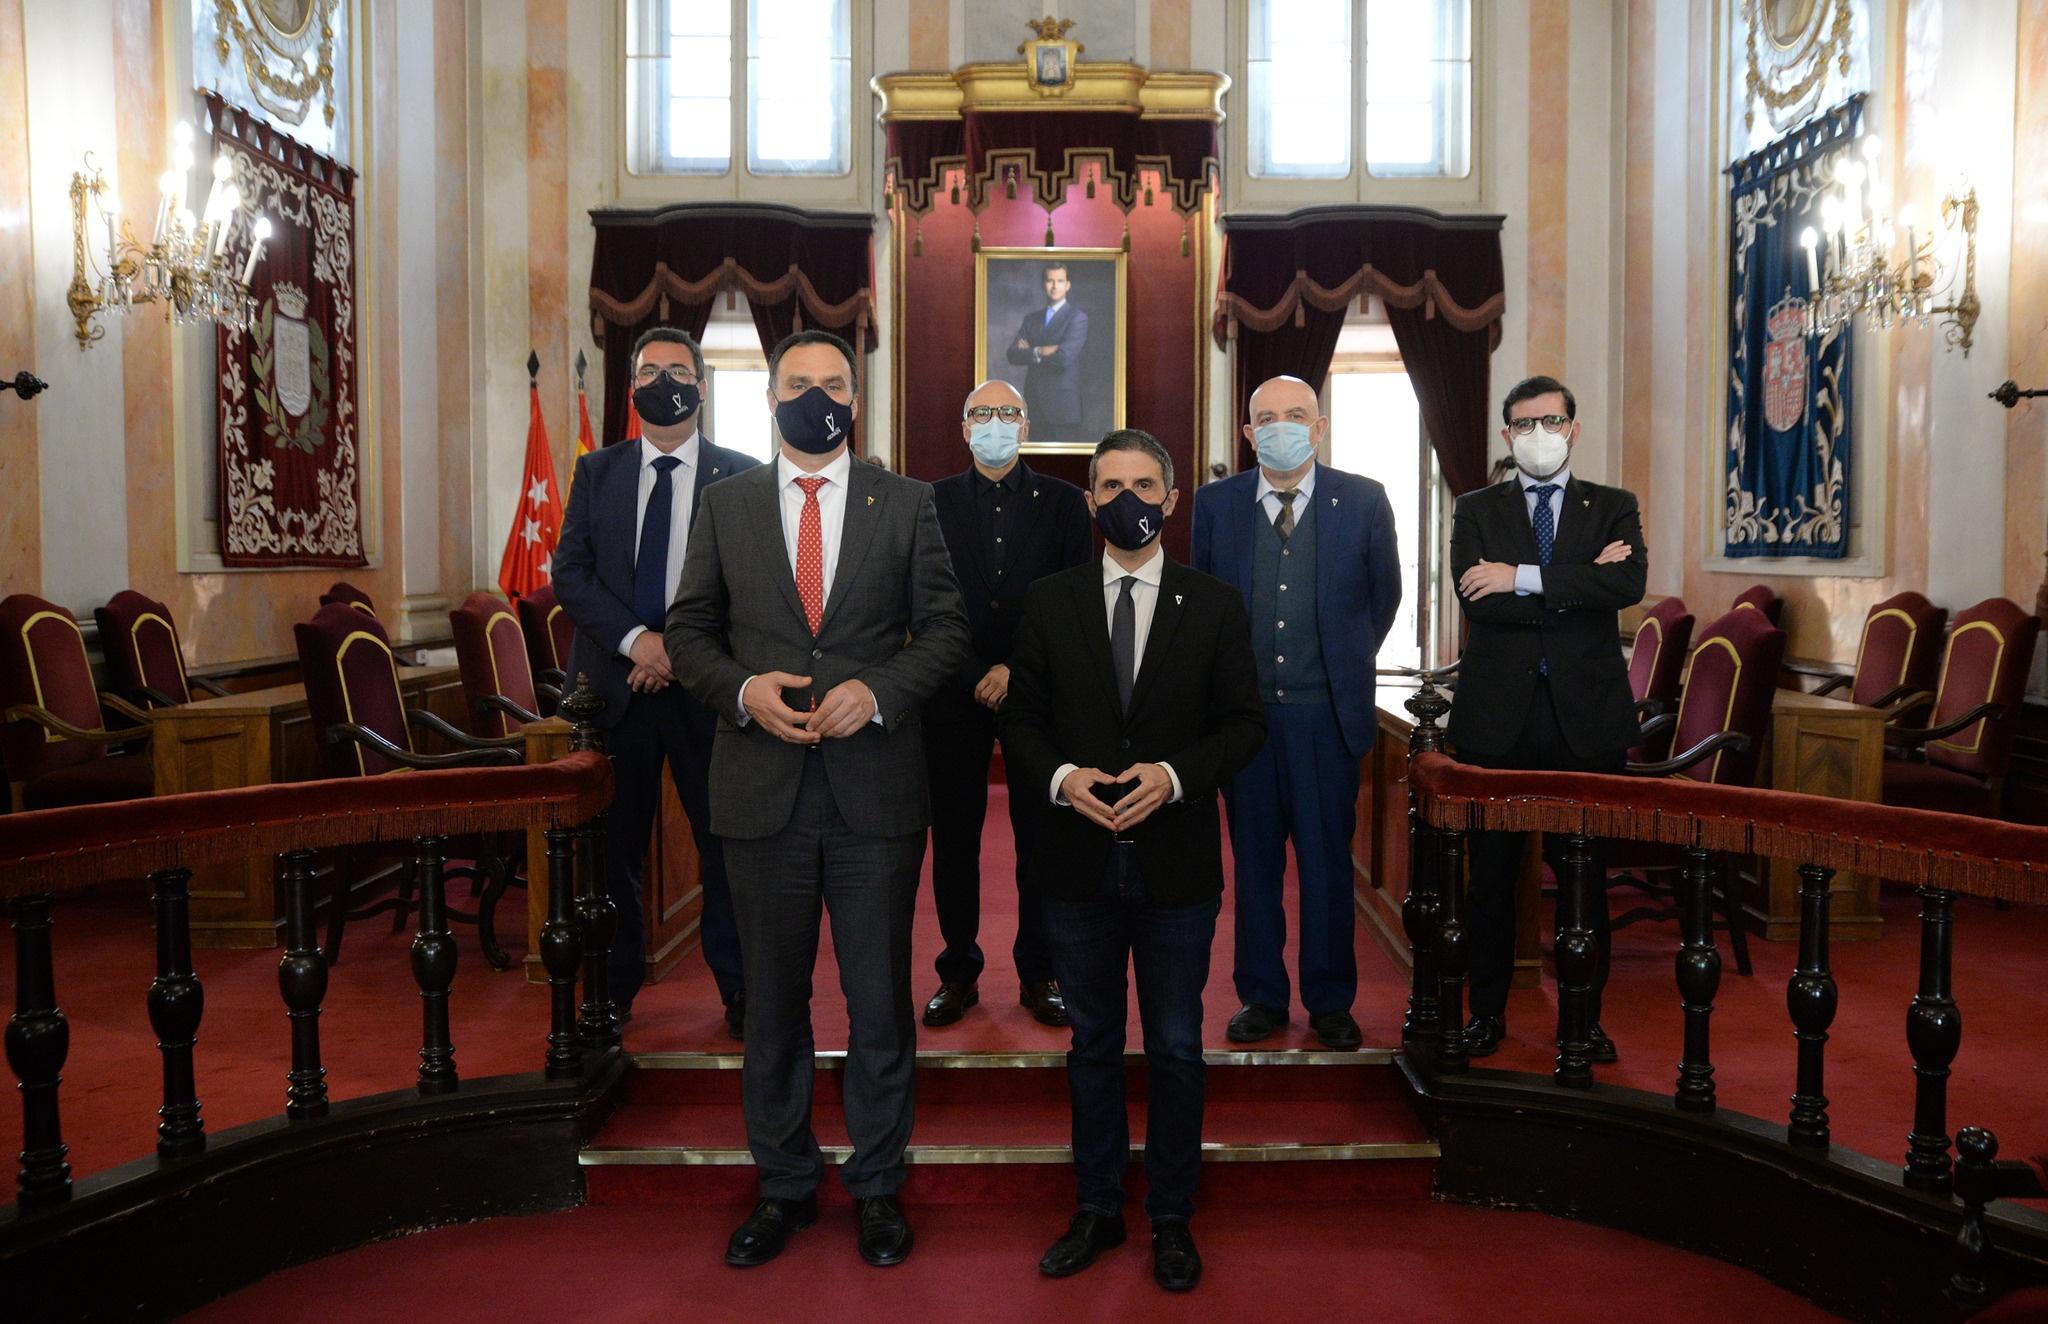 Alcalá de Henares también participará en el V Centenario de la muerte de Nebrija